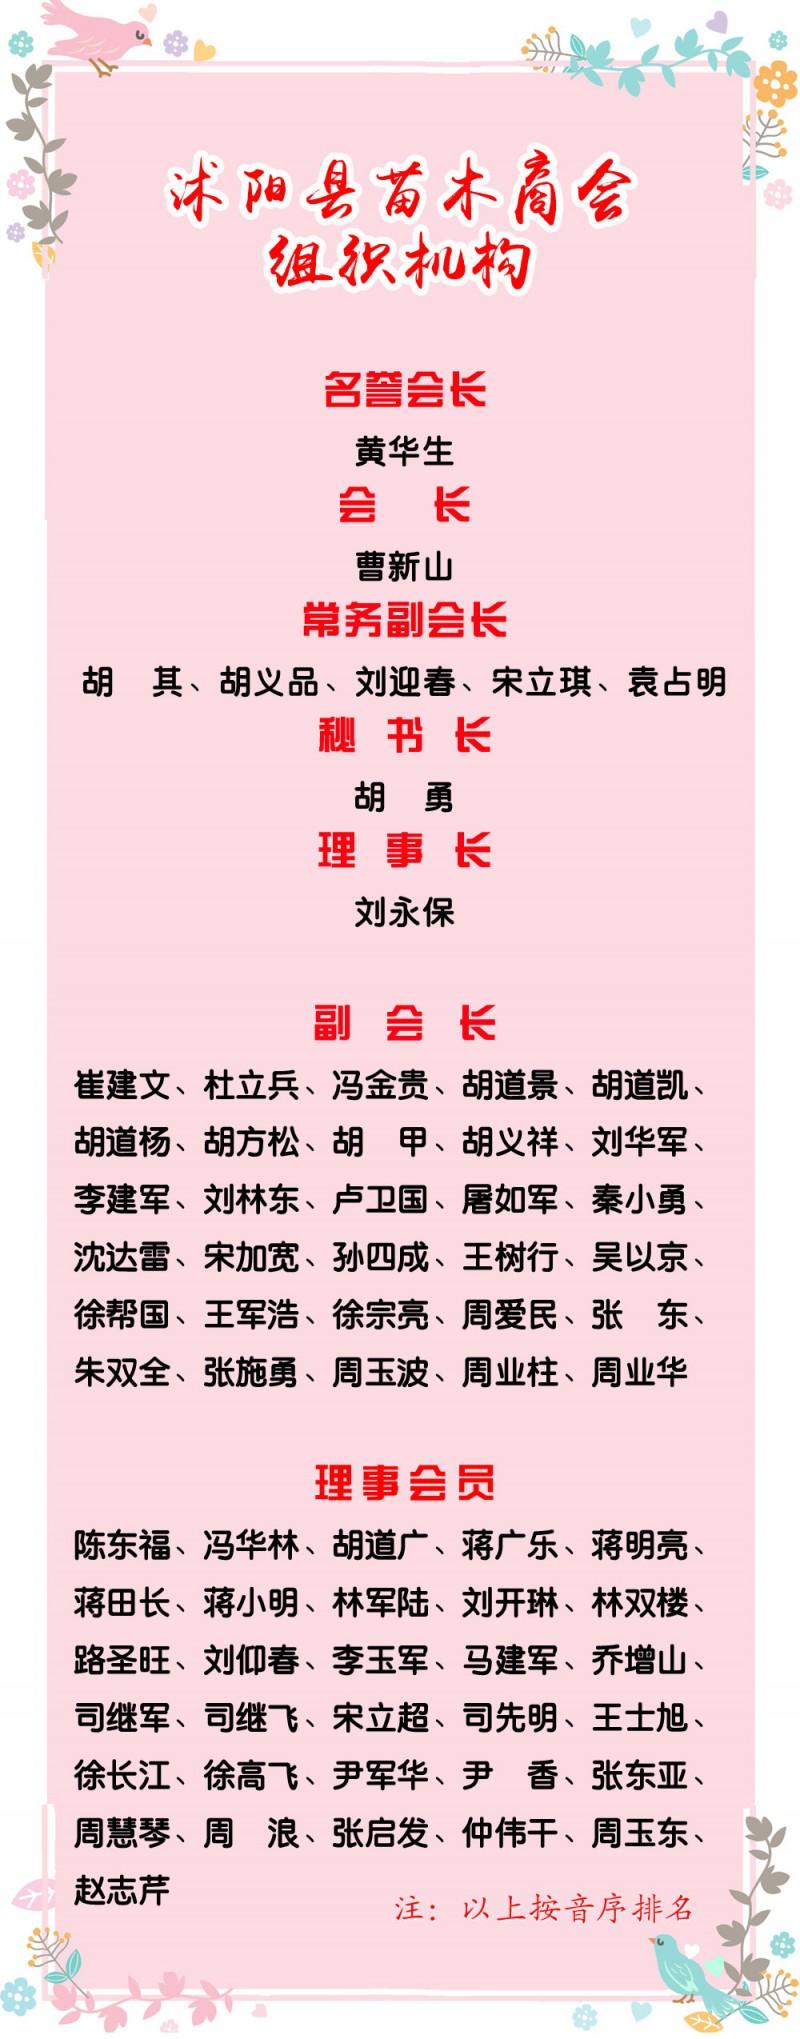 沭阳县苗木商会会员名7.28